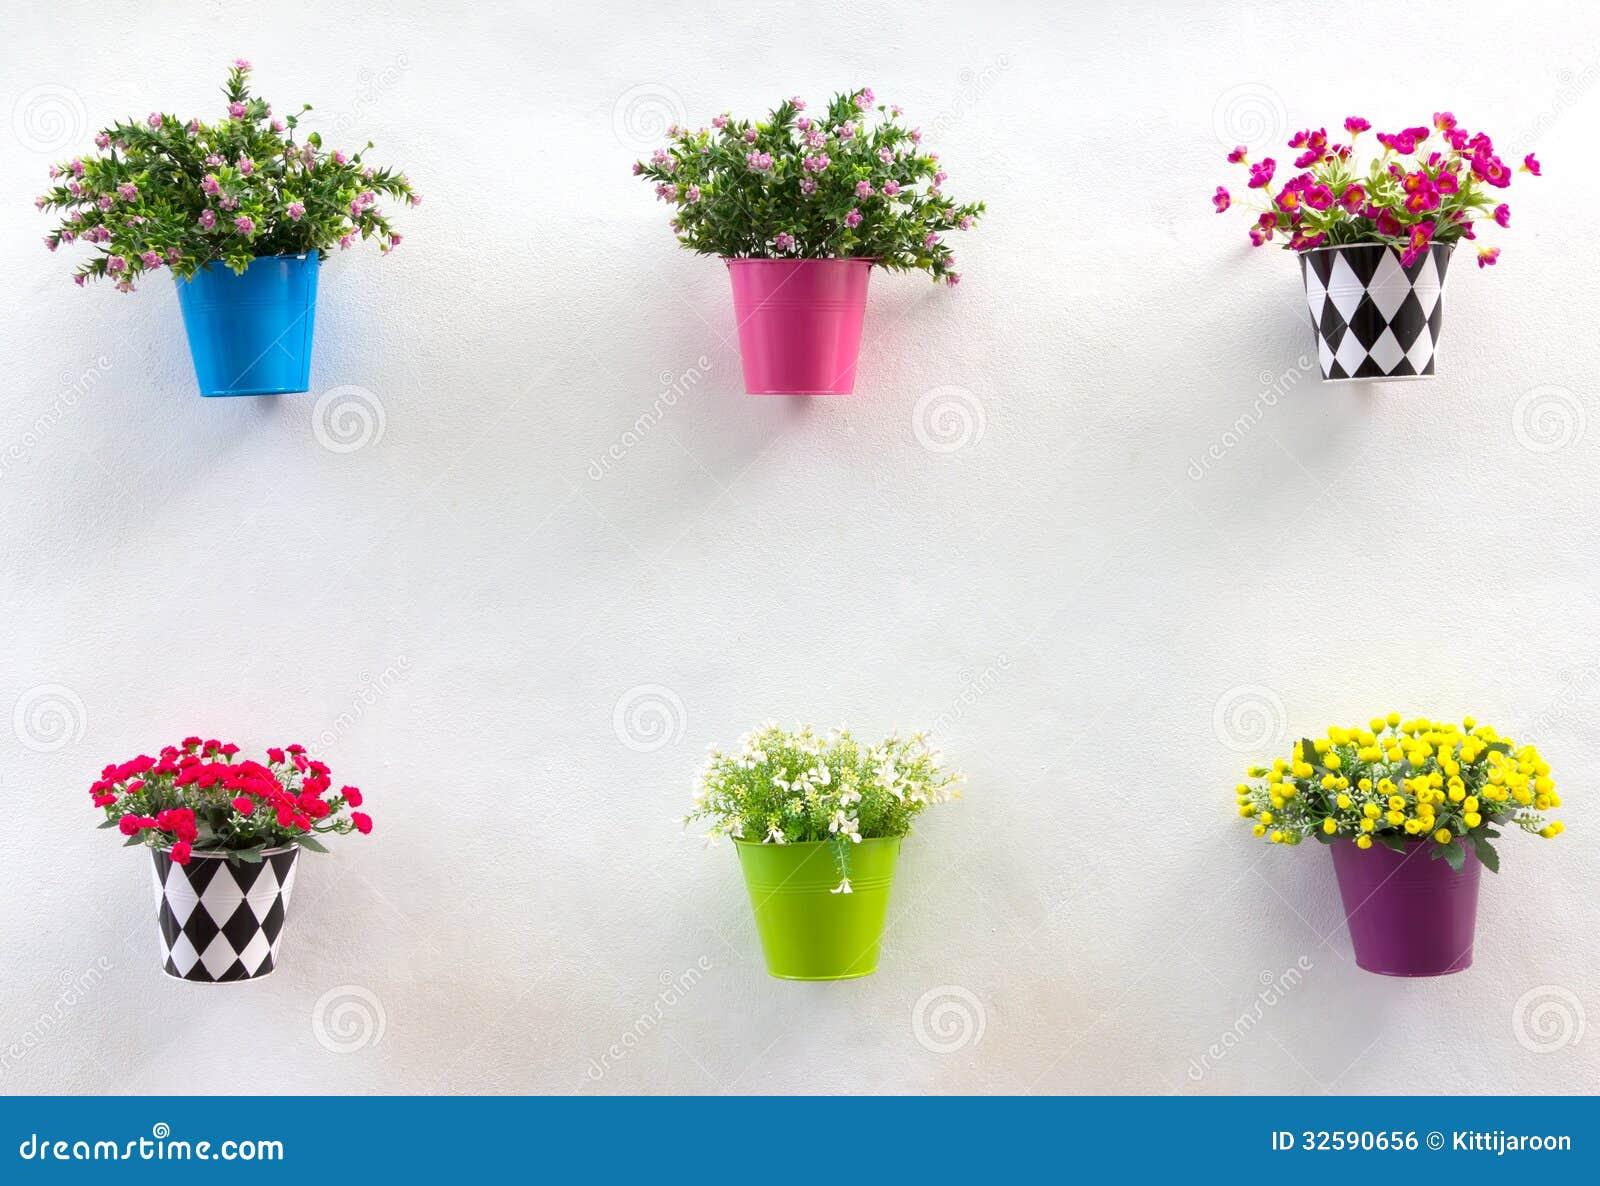 jardiniere et fleur d 39 affichage sur le mur image libre de droits image 32590656. Black Bedroom Furniture Sets. Home Design Ideas